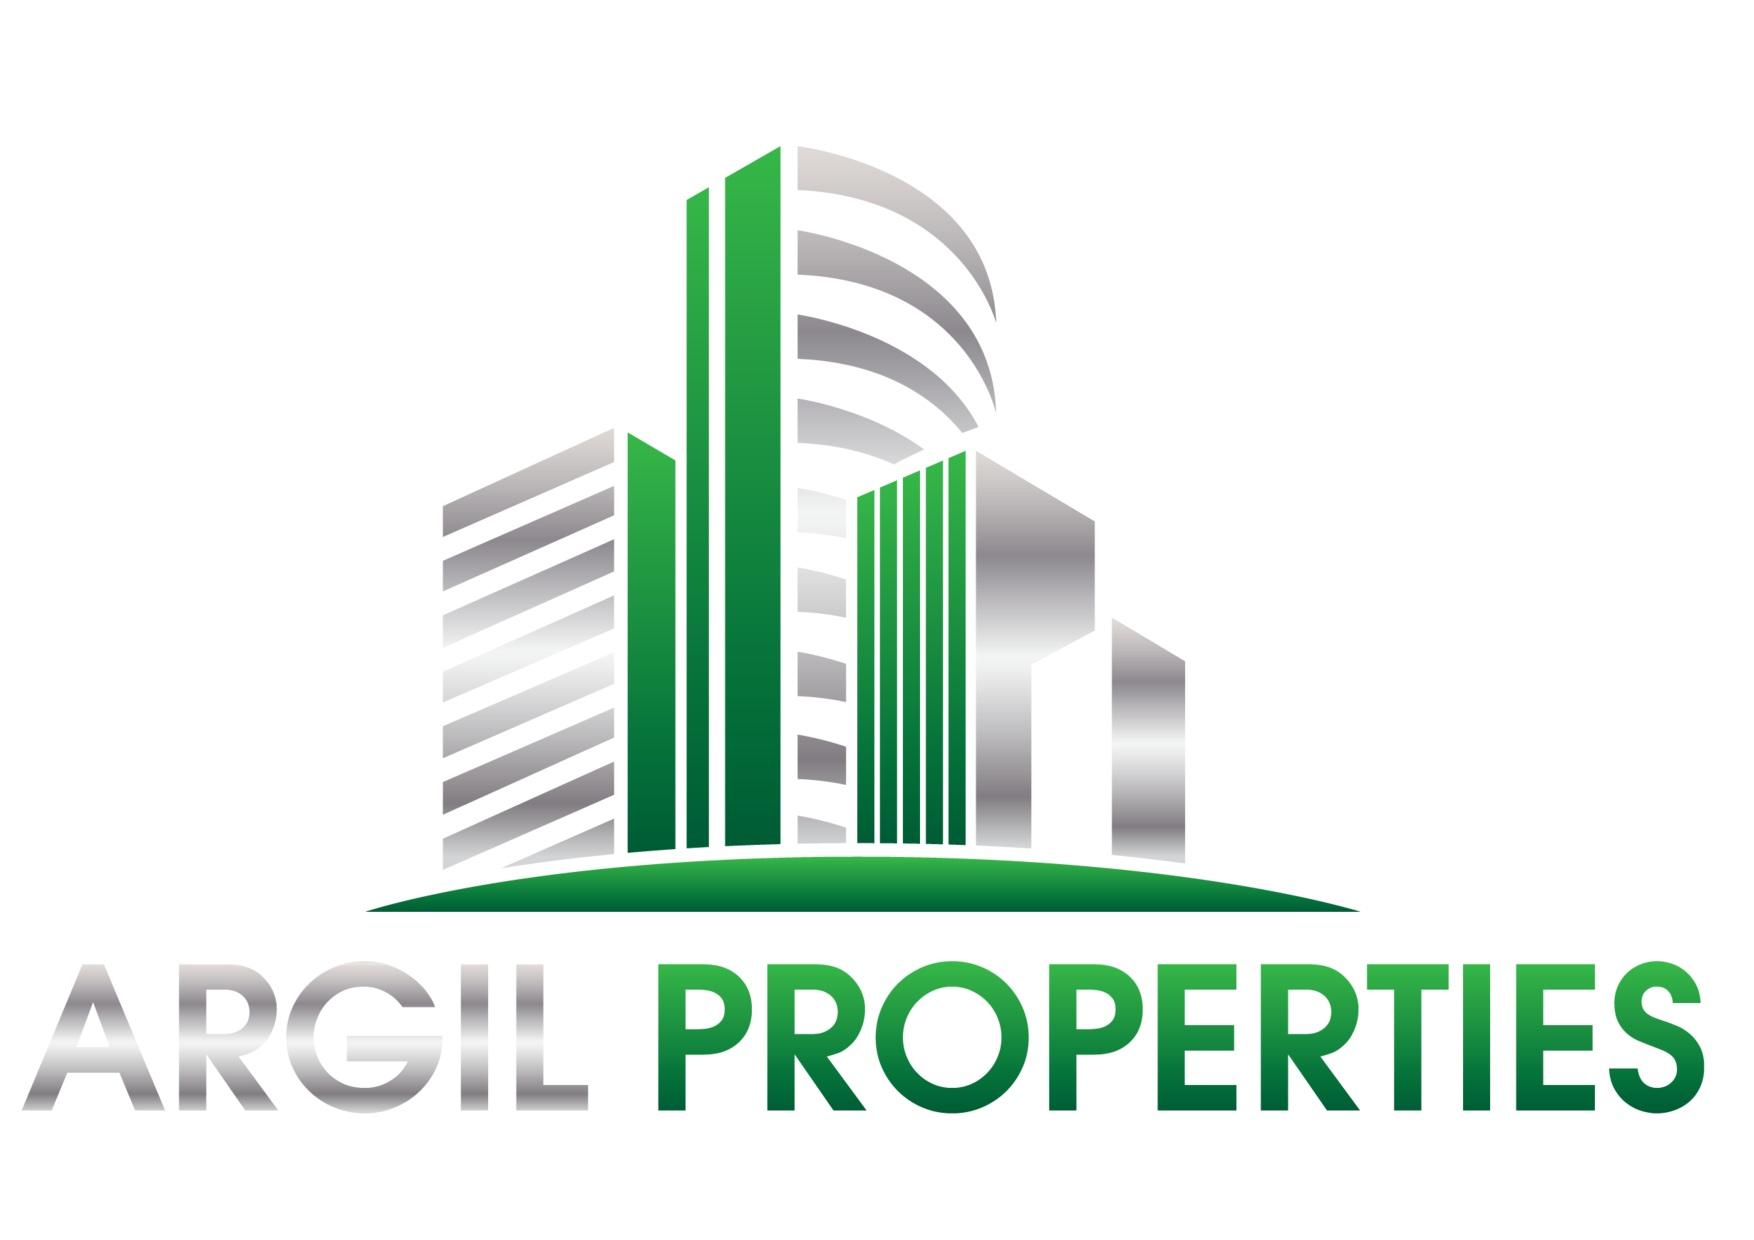 Argil+Properties-01.jpg